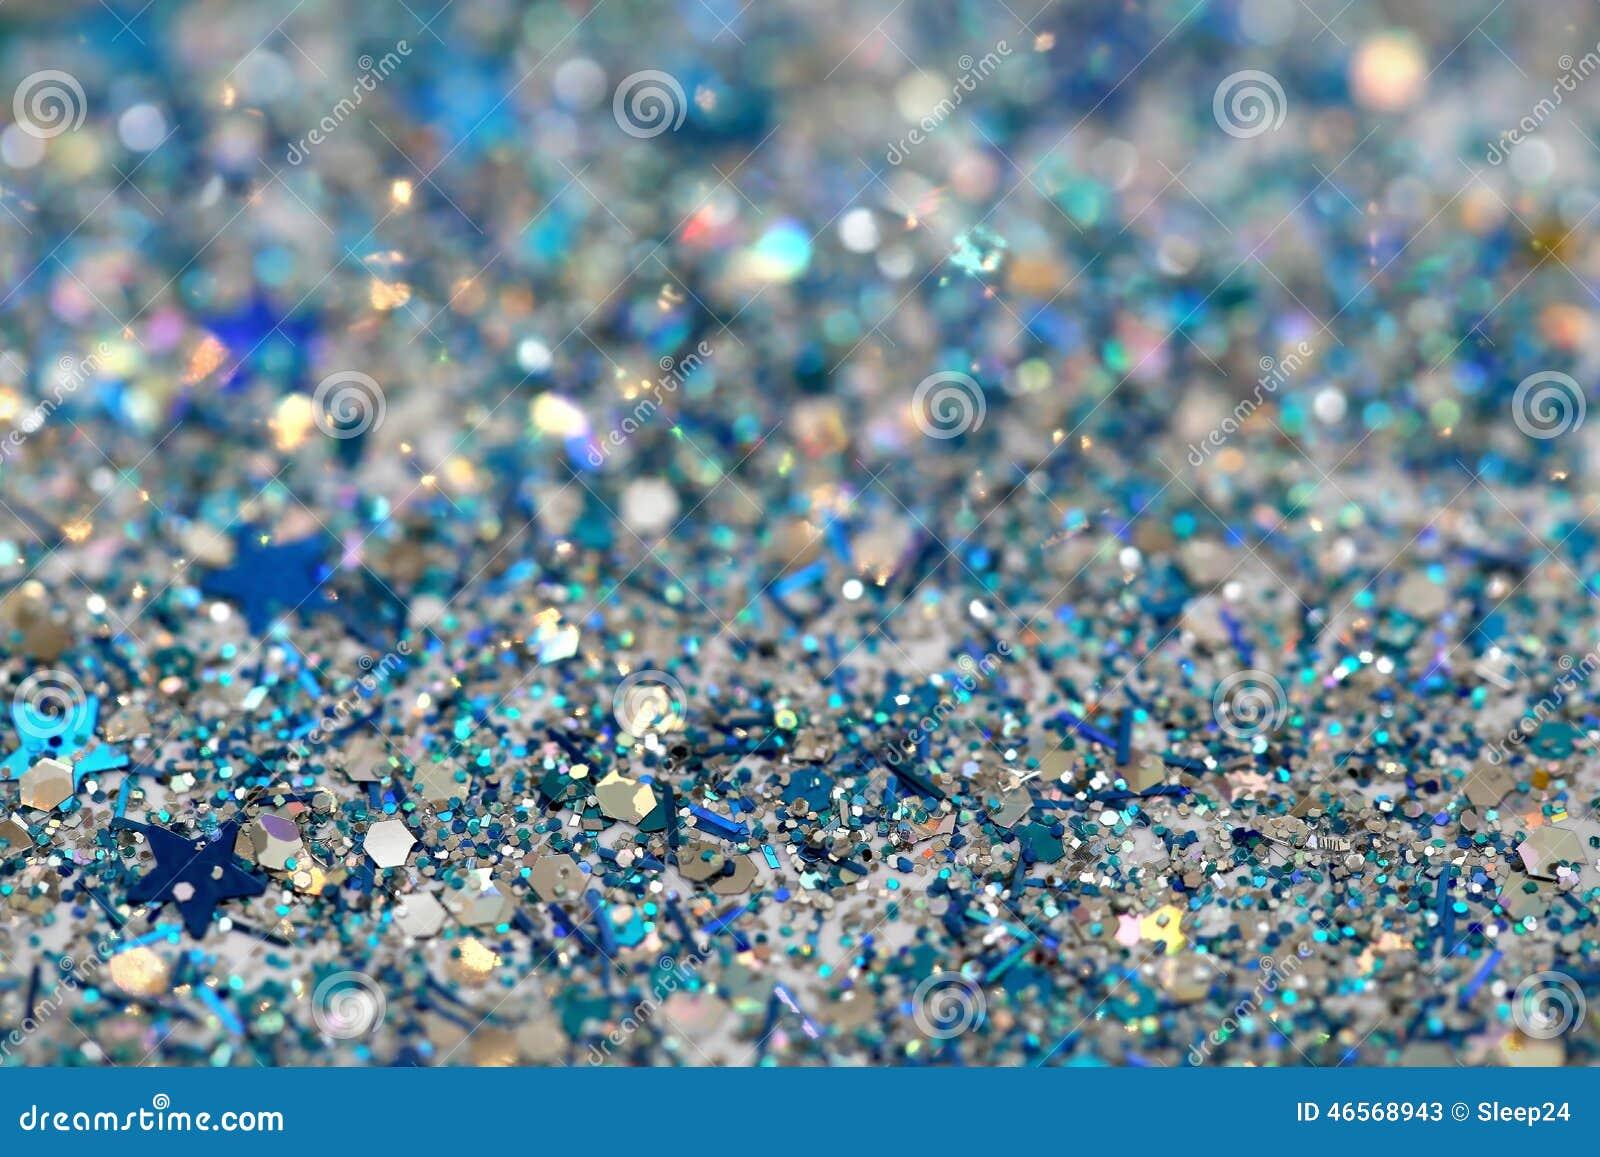 De Blauwe En Zilveren Bevroren Fonkelende Sterren Van De Sneeuwwinter Schitteren Achtergrond